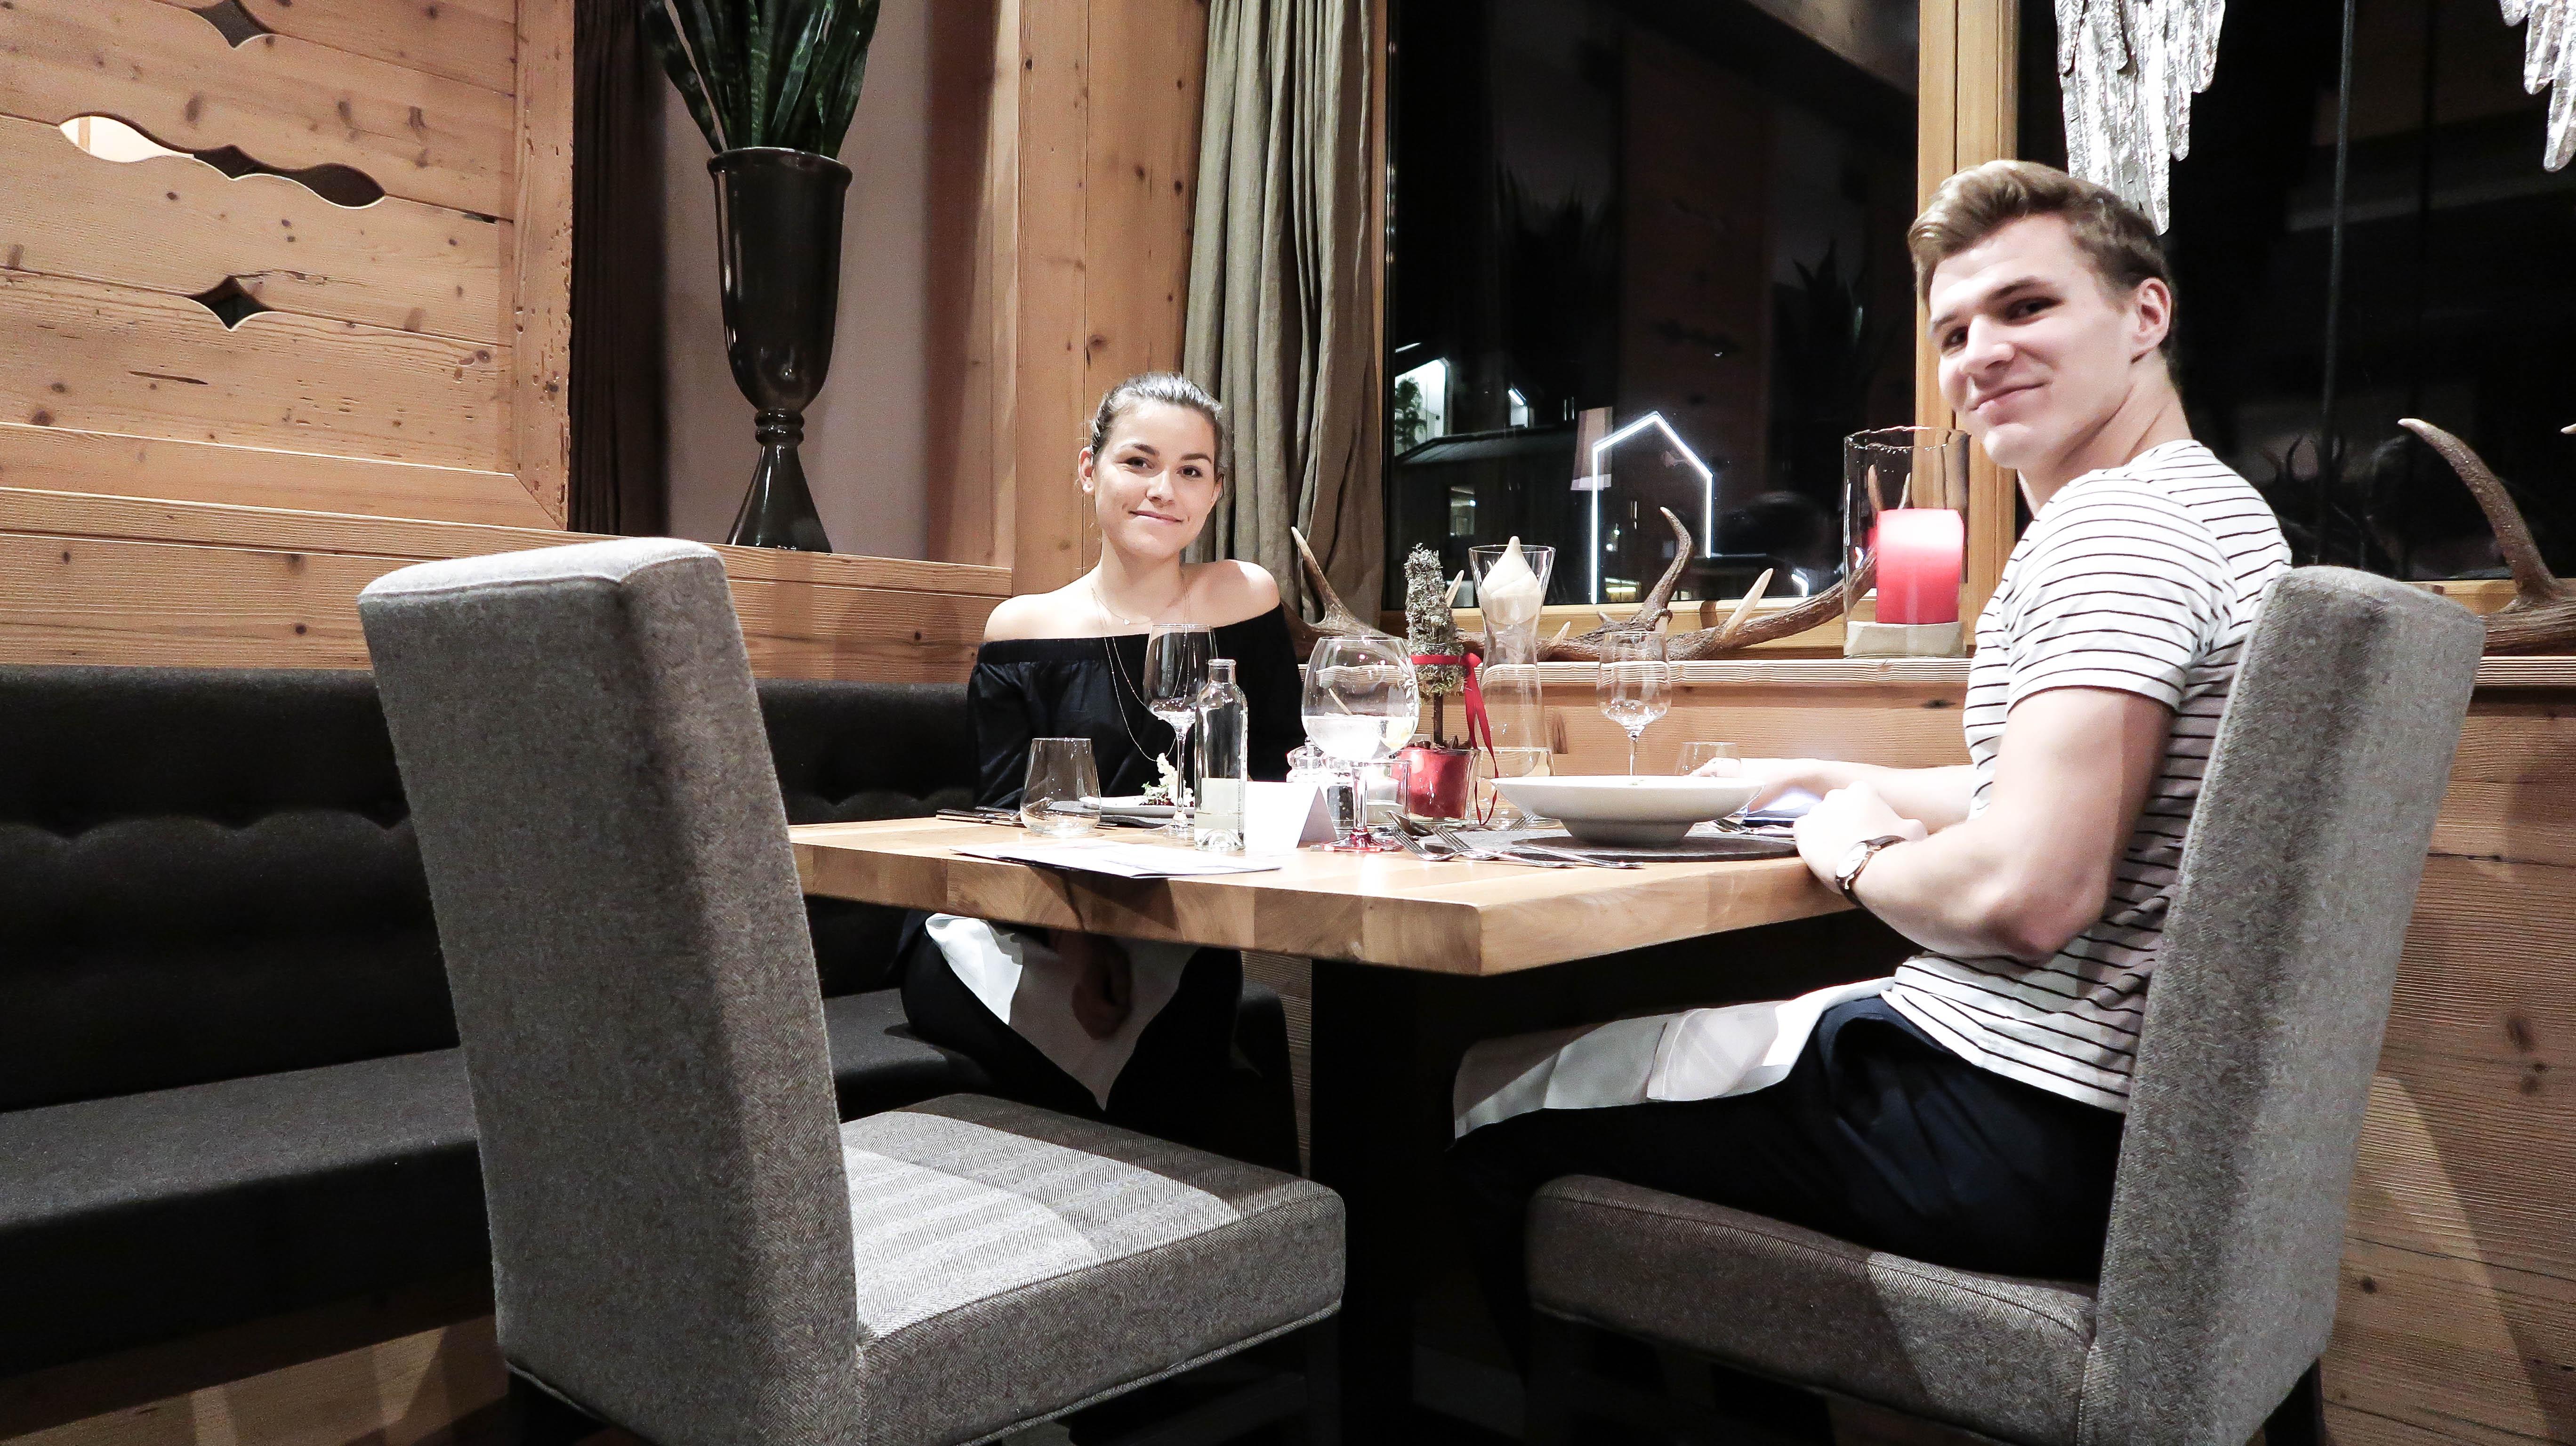 naturhotel-forsthofgut-annalaurakummer-hotel-review-1